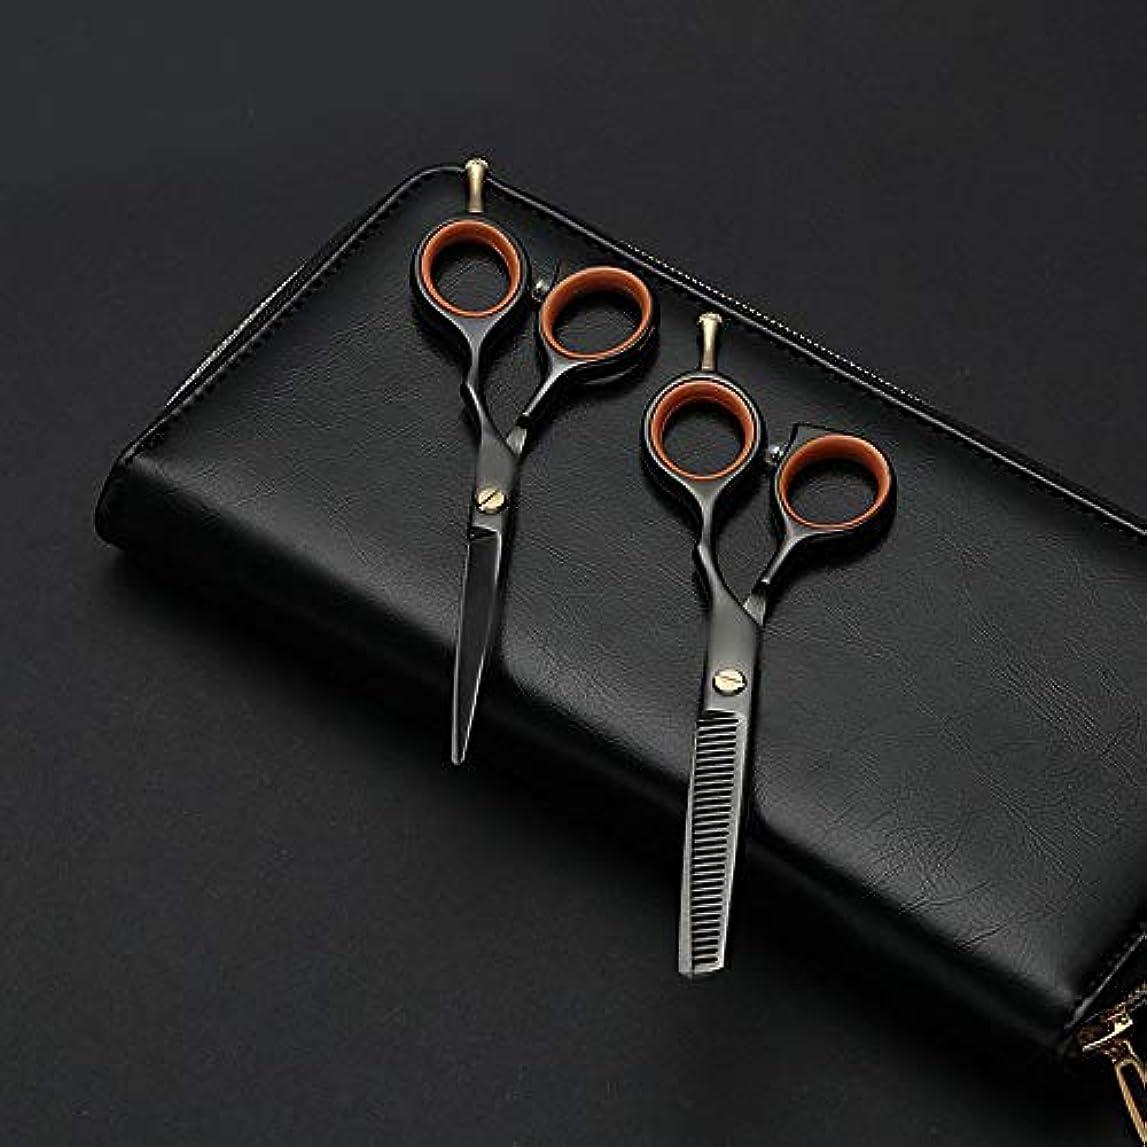 けん引予測する年次理髪用はさみ 5.5インチの専門の理髪はさみ、美容院の組合せセット理髪はさみ毛の切断はさみステンレス理髪はさみ (色 : 黒)